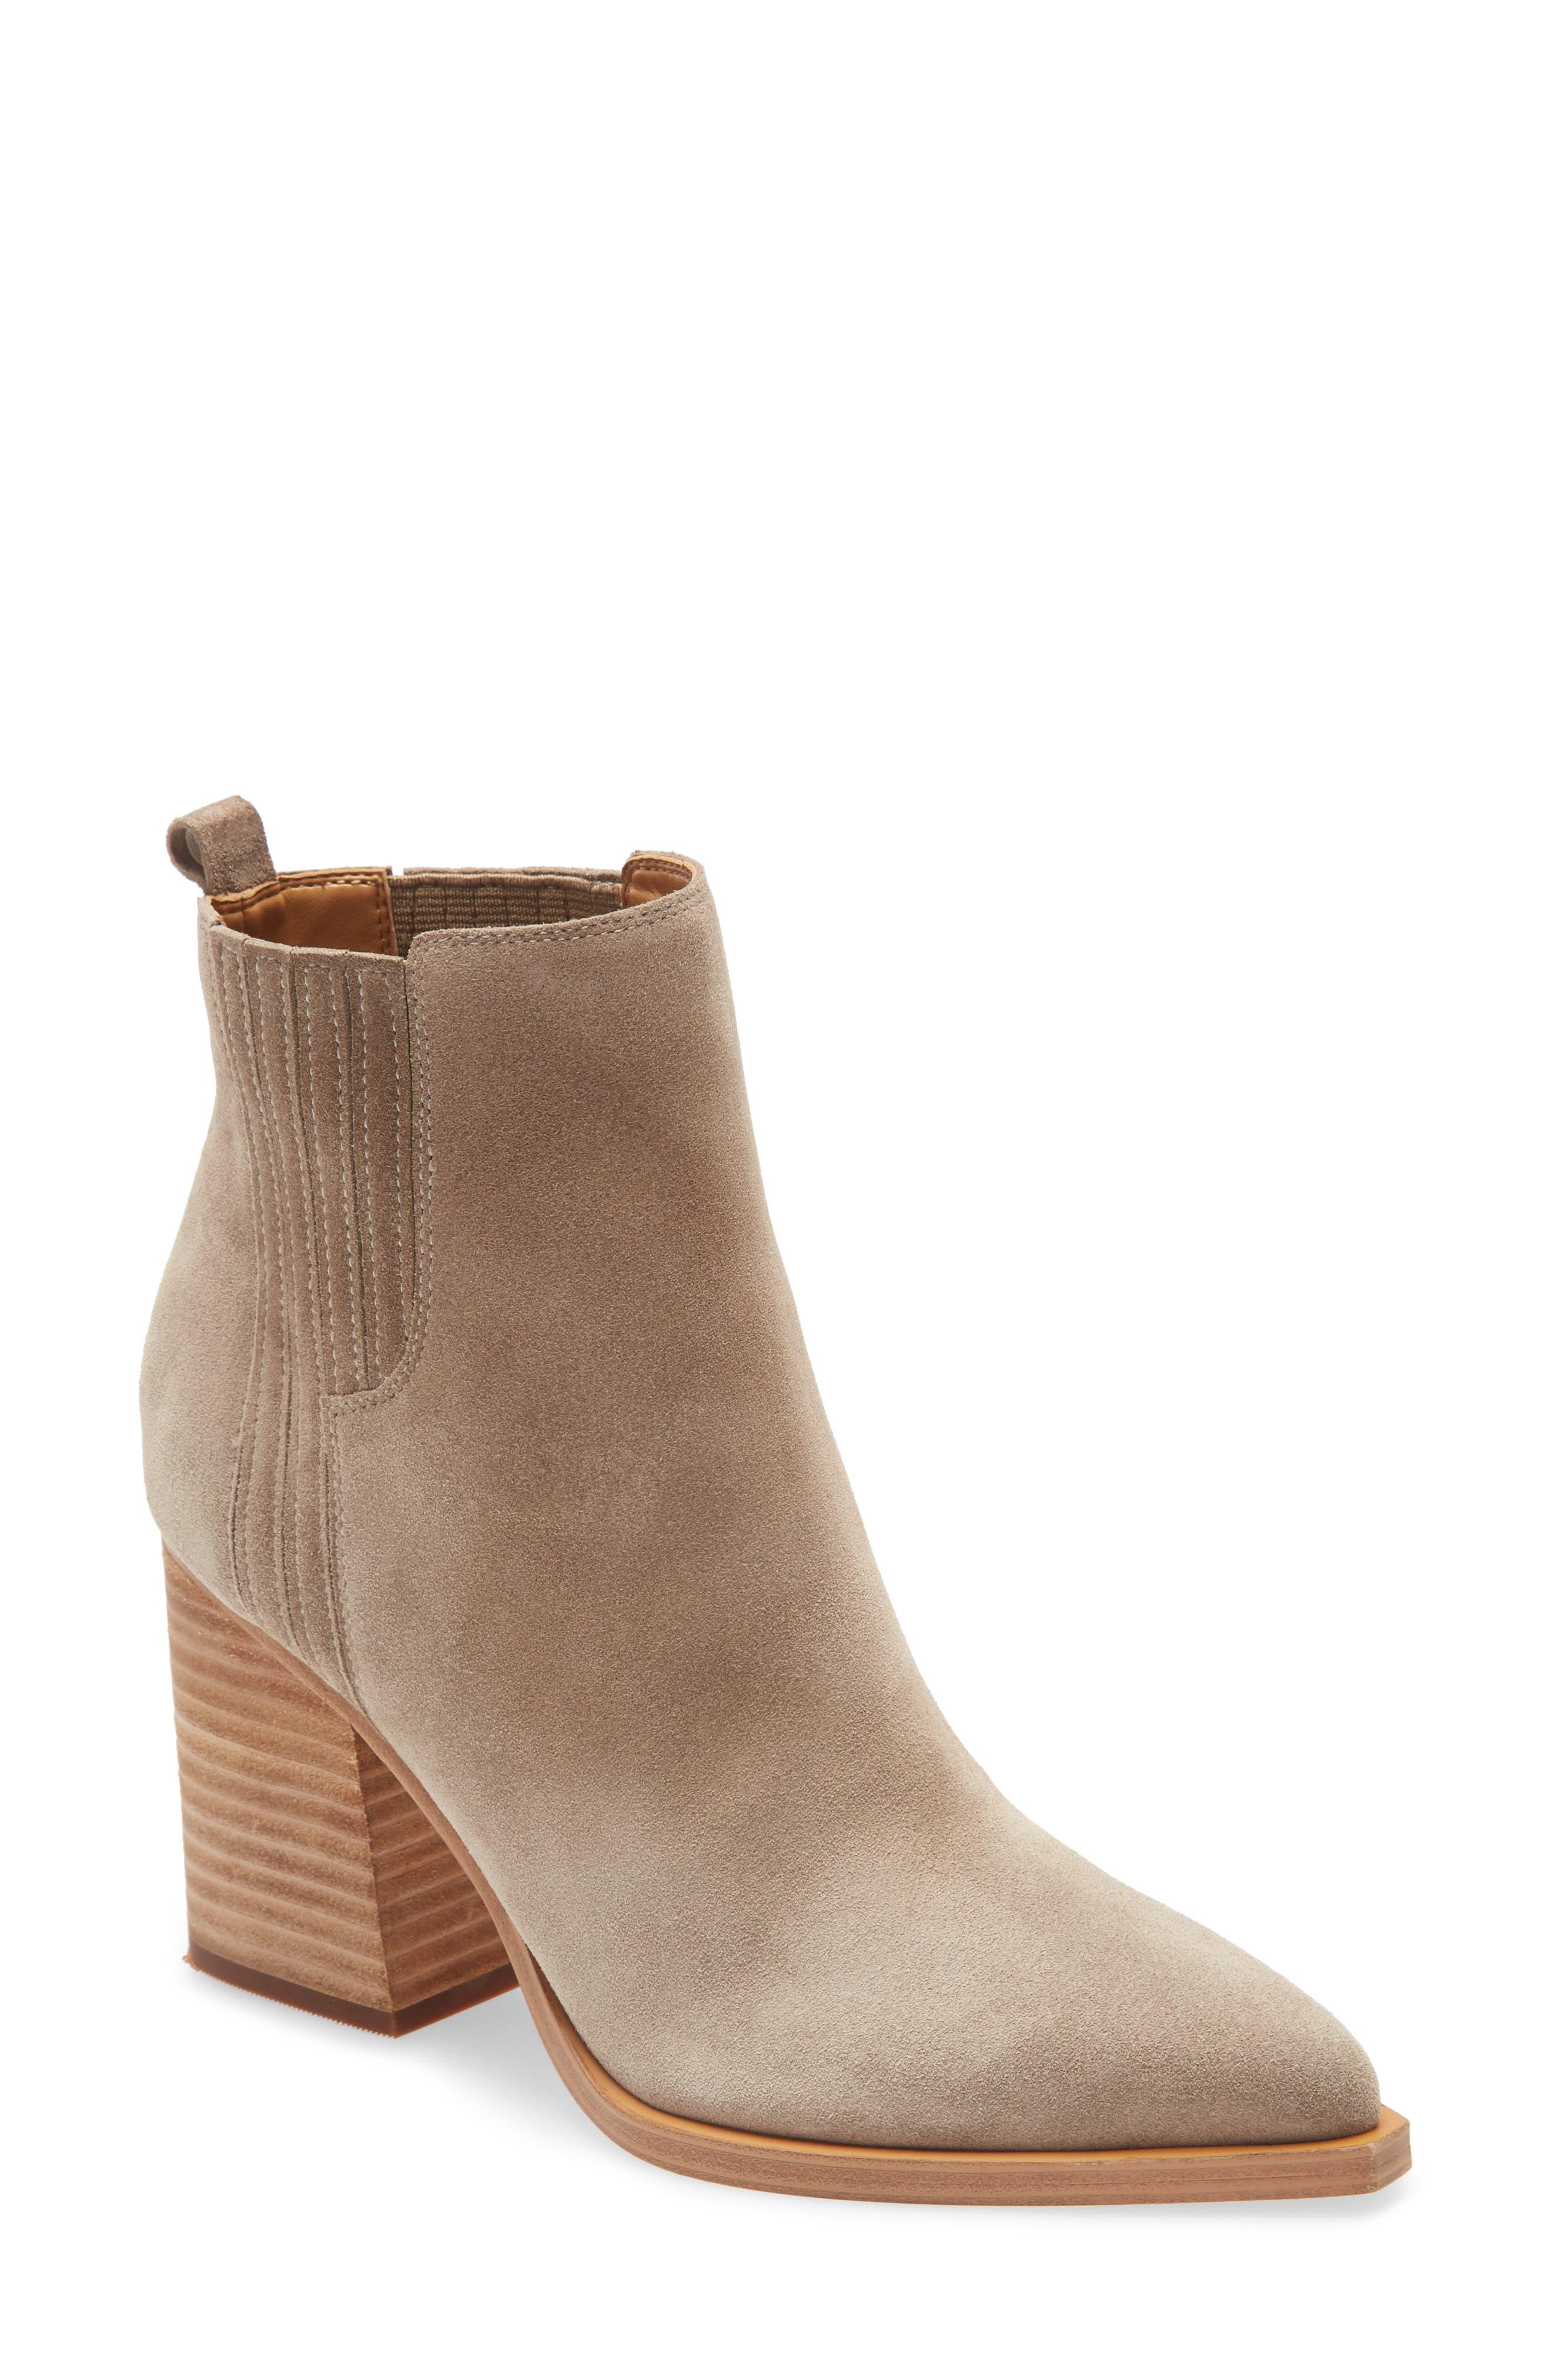 Women's Beige Booties \u0026 Ankle Boots